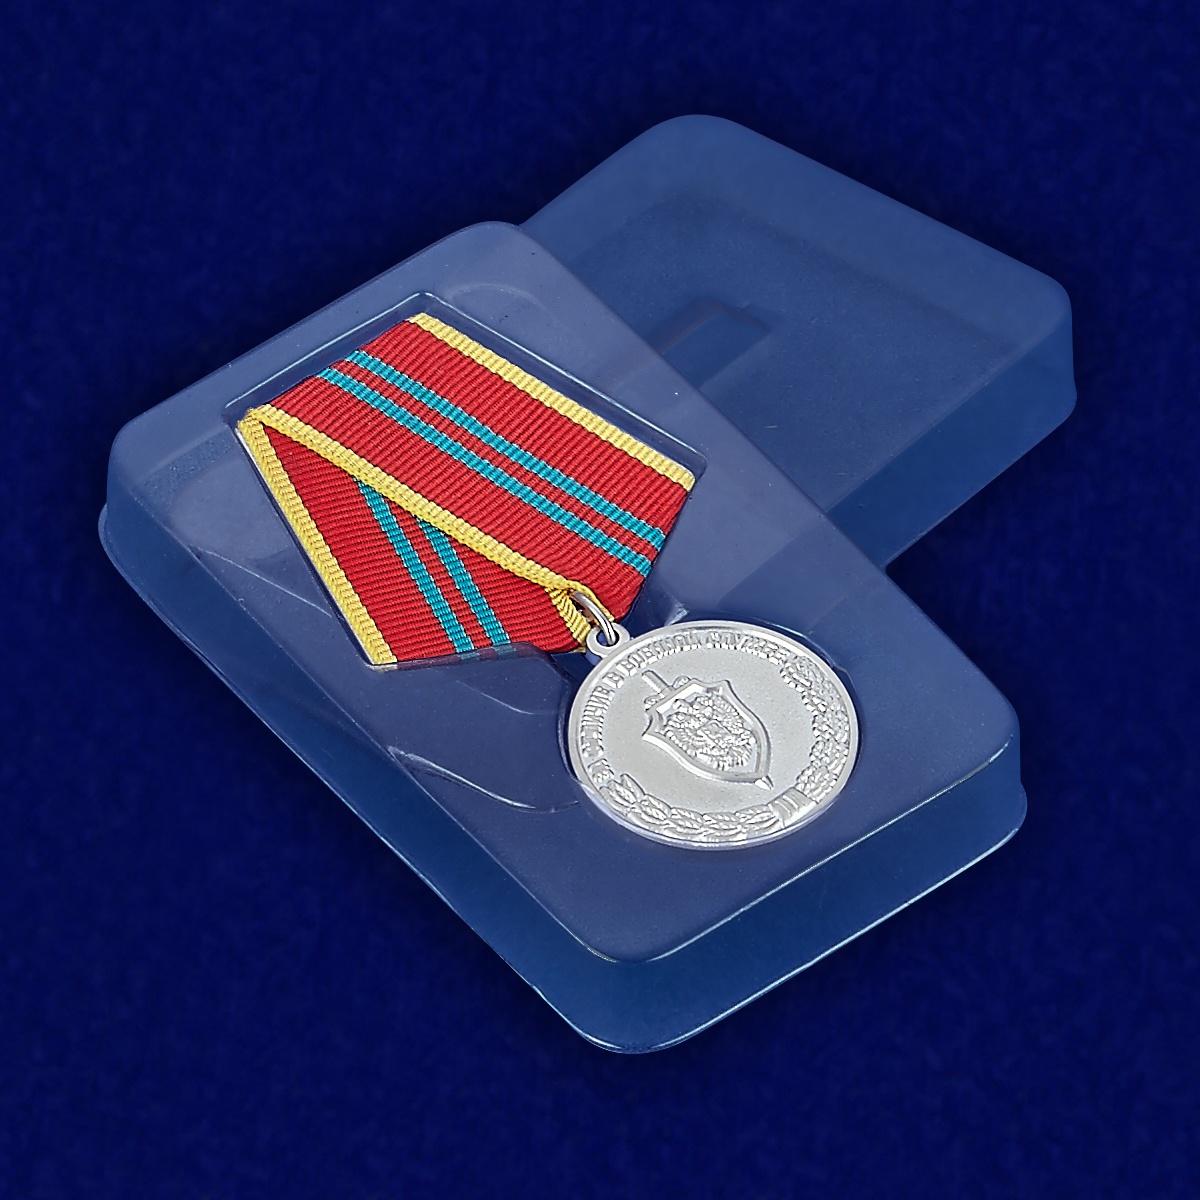 Медаль ФСБ РФ За отличие в военной службе II степени - вид в футляре